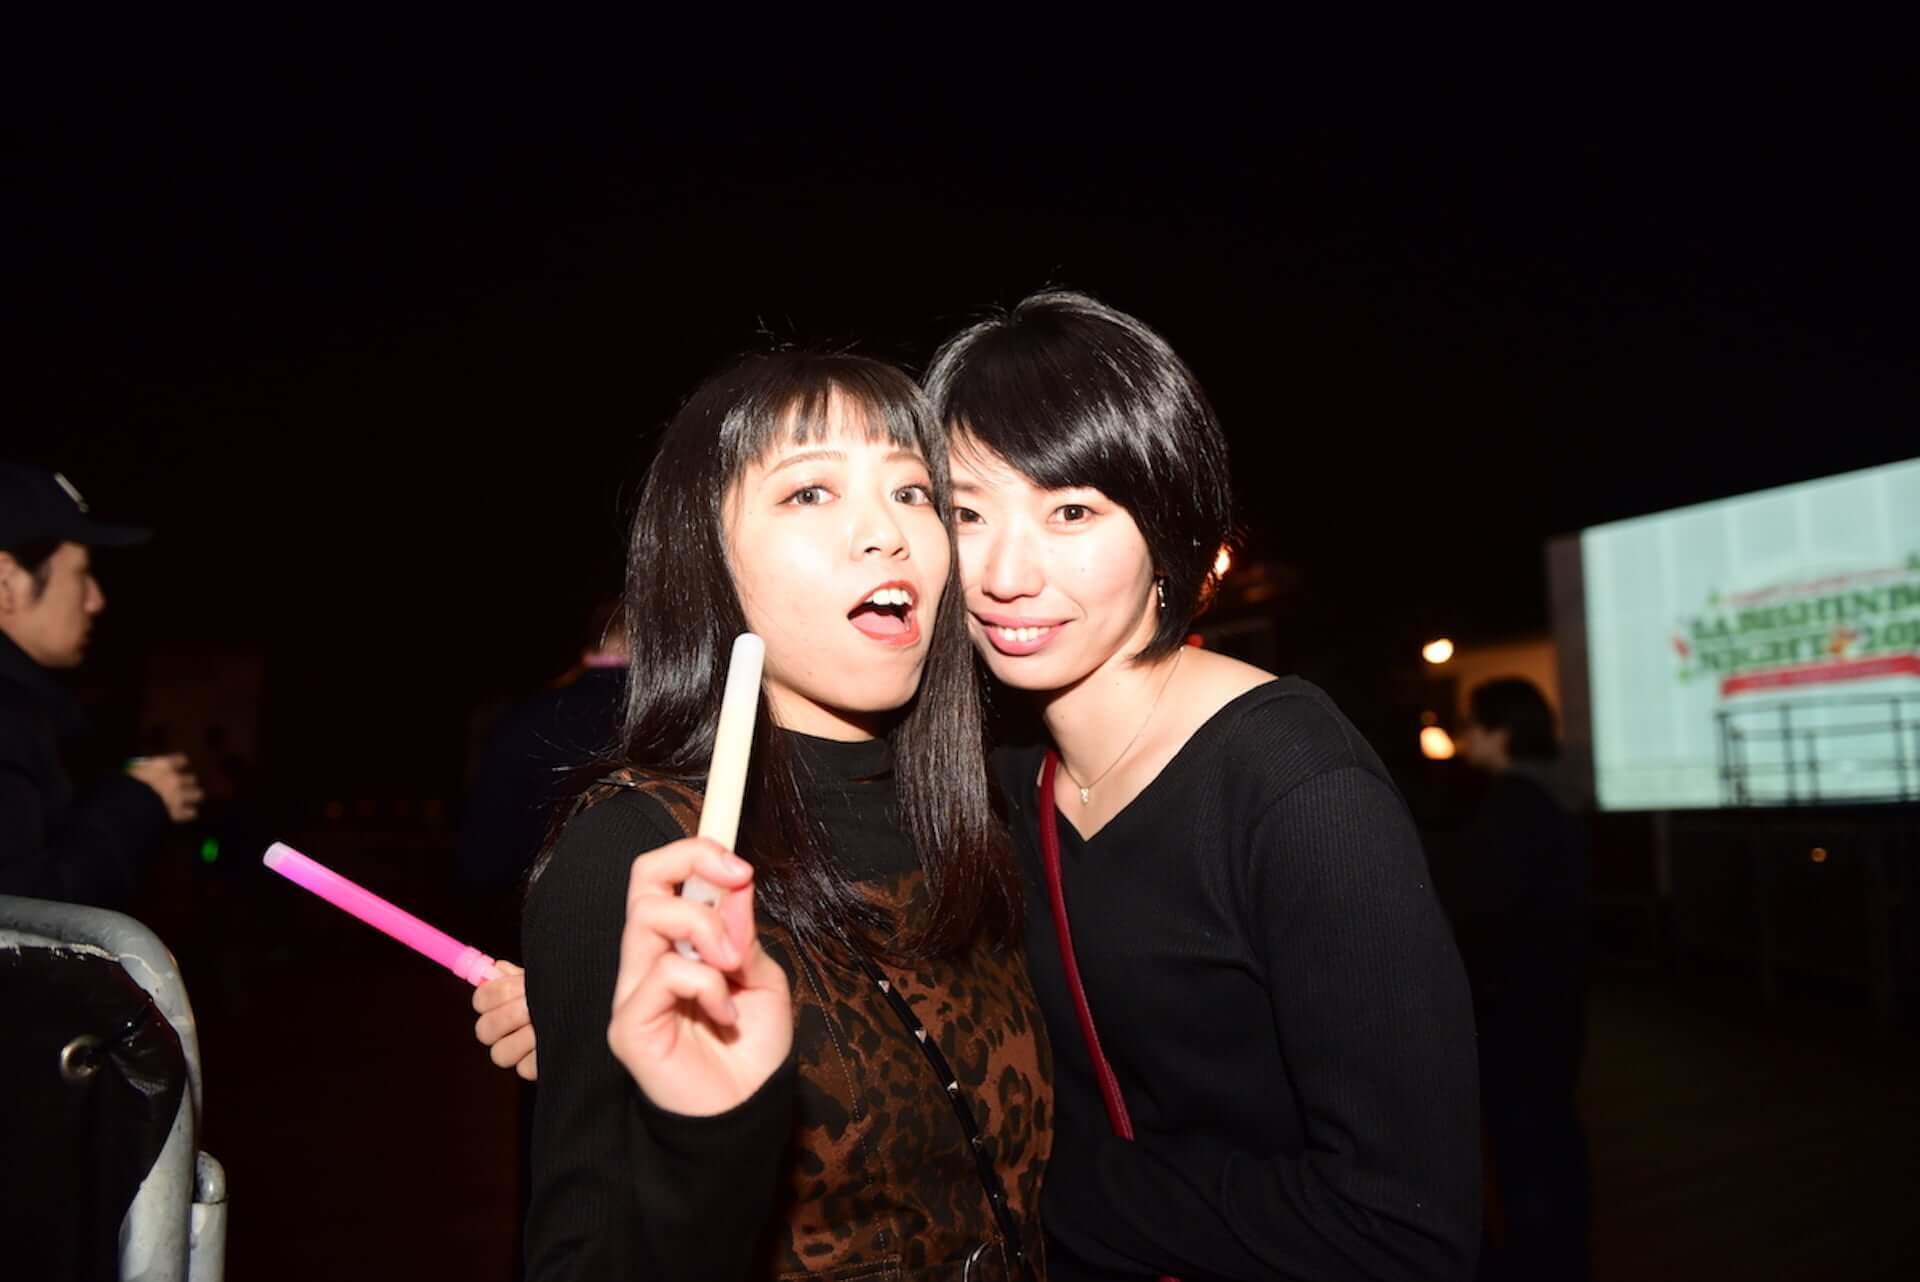 3,000人が出会う一夜!りんごちゃん、t-Ace等々出演のsagami original presents<SABISHINBO NIGHT 2019>25周年目のイベントレポート music191224_sabishinbo2019after_7-1920x1282